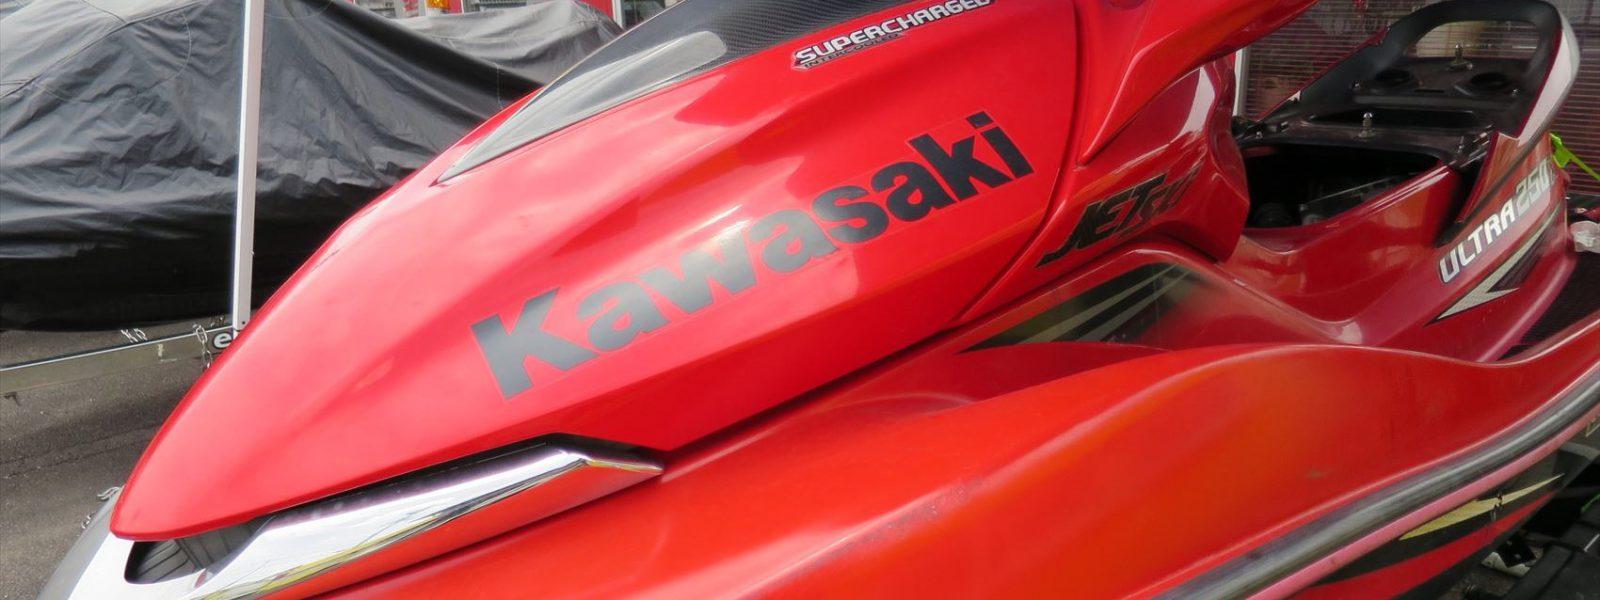 Kawasakiジェットスキーウルトラ250X スーパーチャージャーオーバーホール、ステアリング修理など!